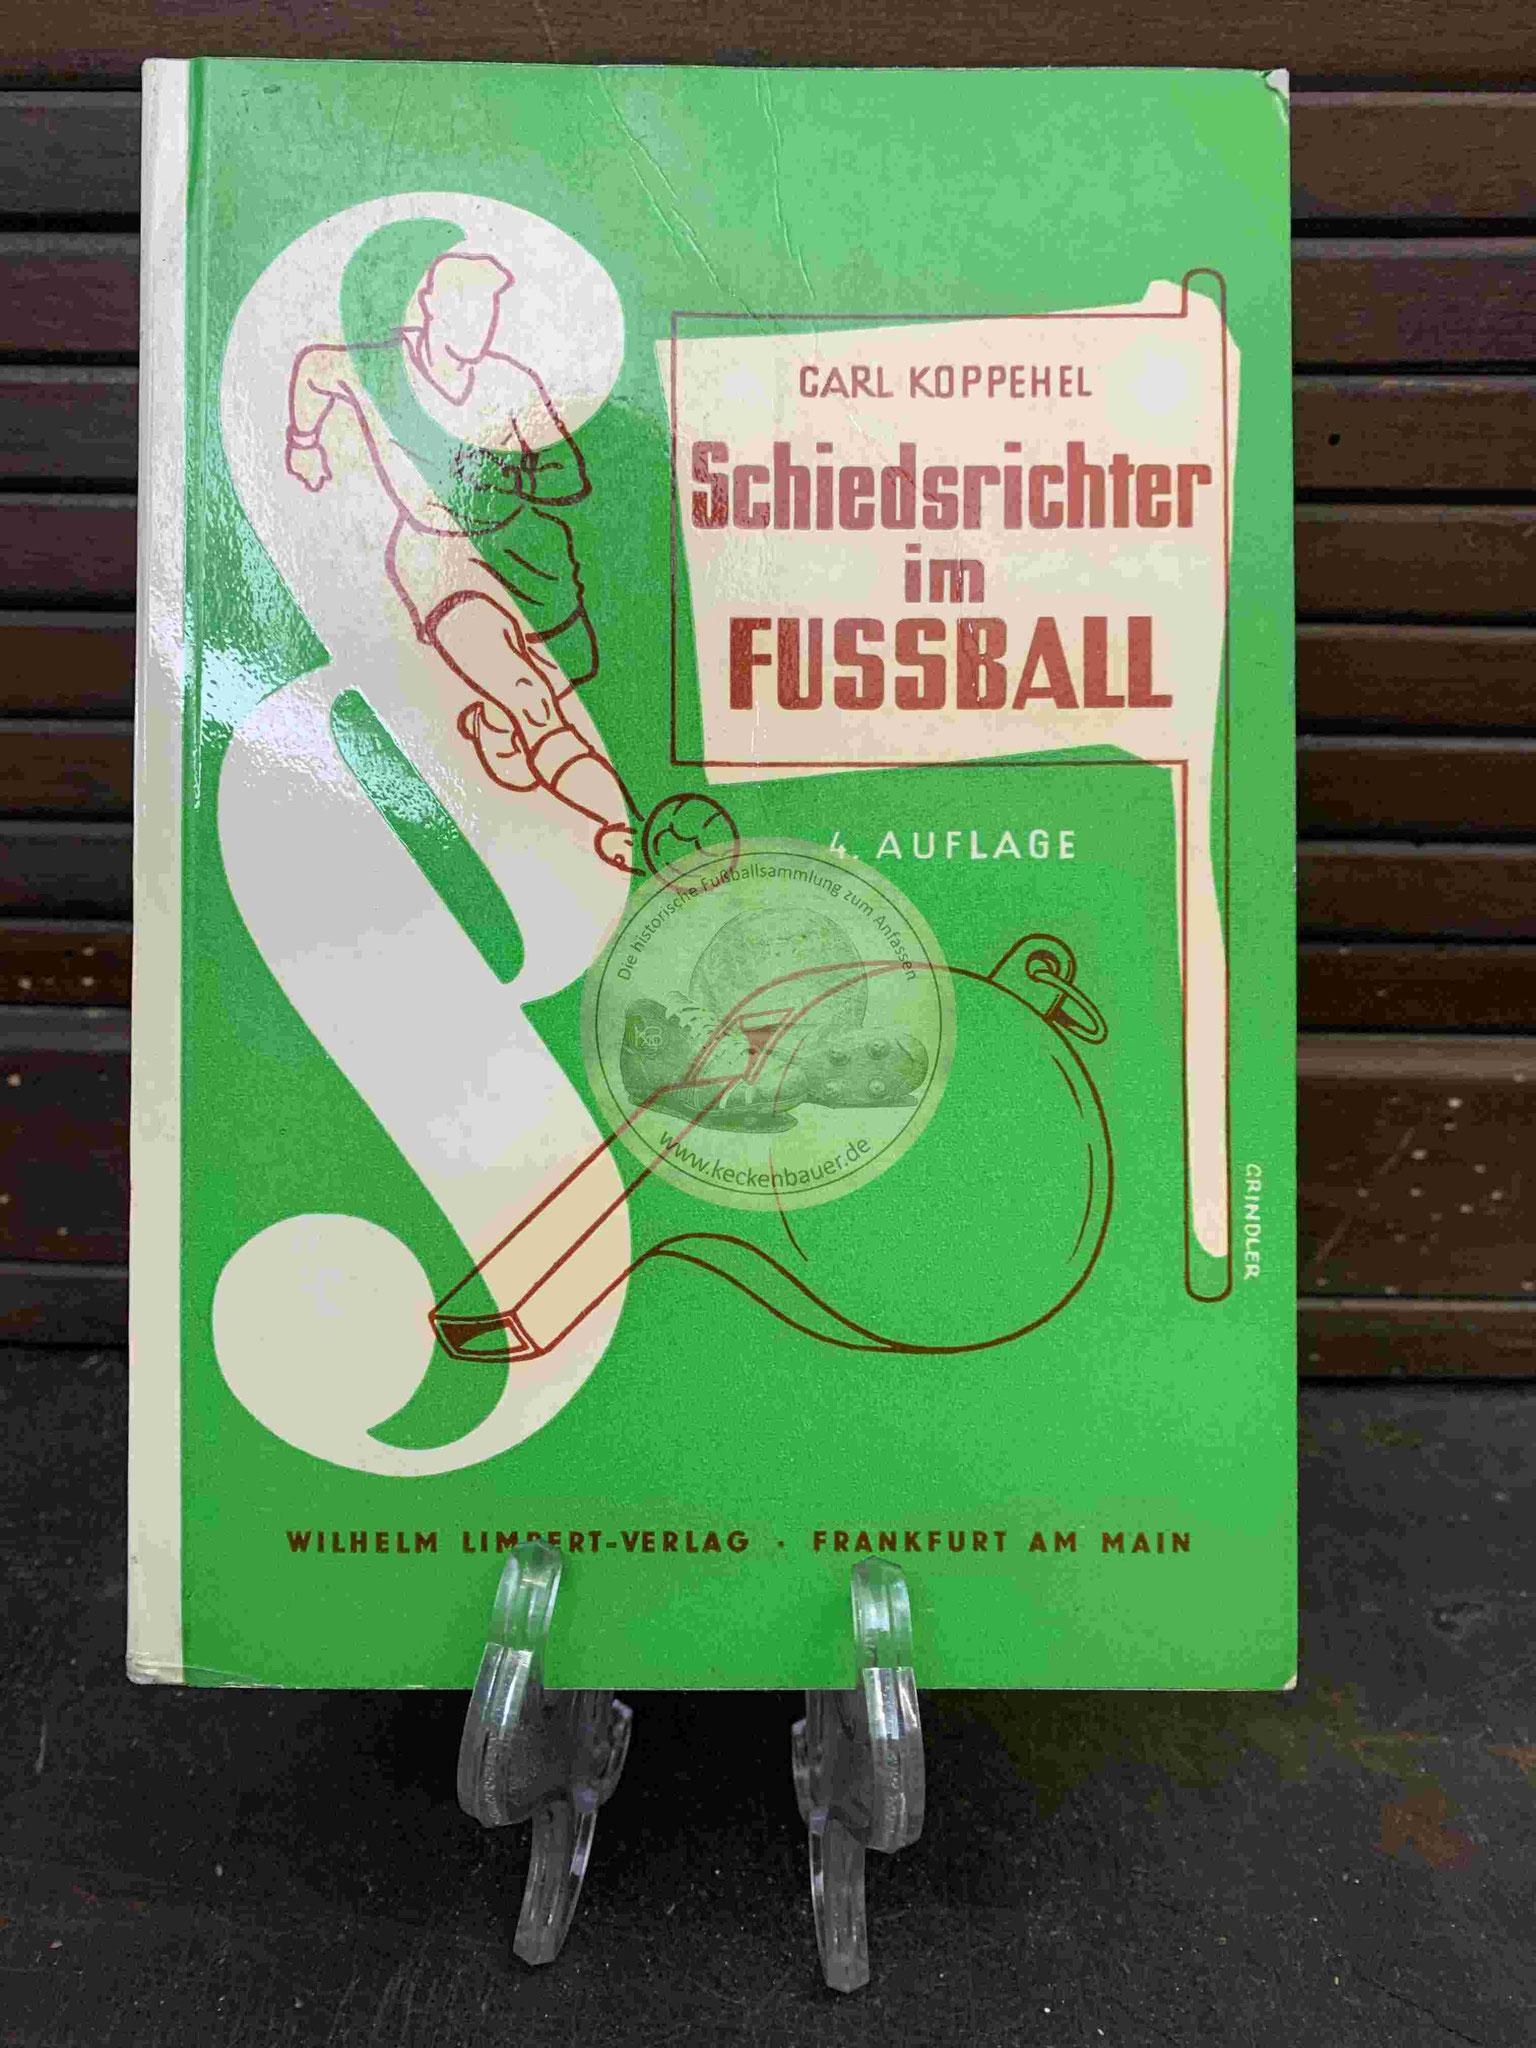 Carl Koppehel Schiedsrichter im Fussball im Wilhelm Limbert Verlag aus dem Jahr 1955, hier die 4. Auflage aus dem Jahr 1961